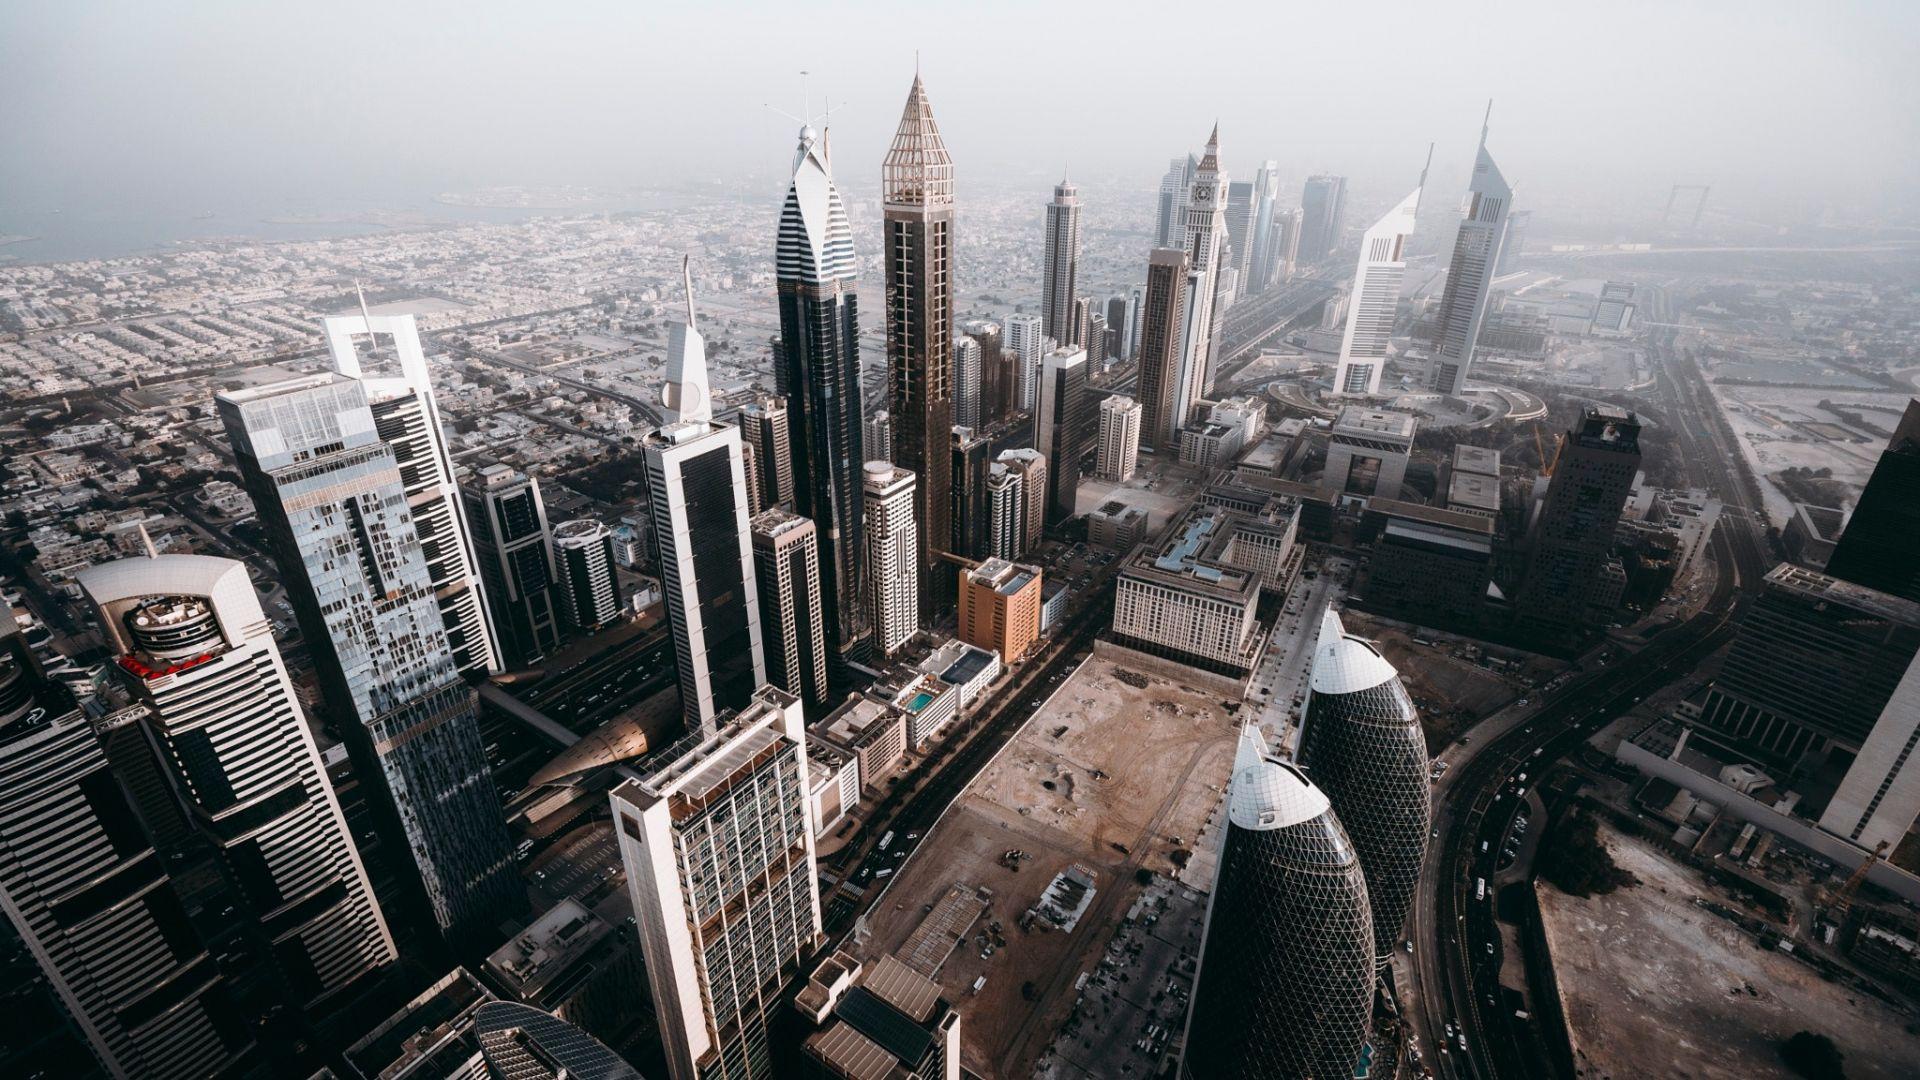 Wallpaper Dubai, city, aerial view, skyscrapers, buildings